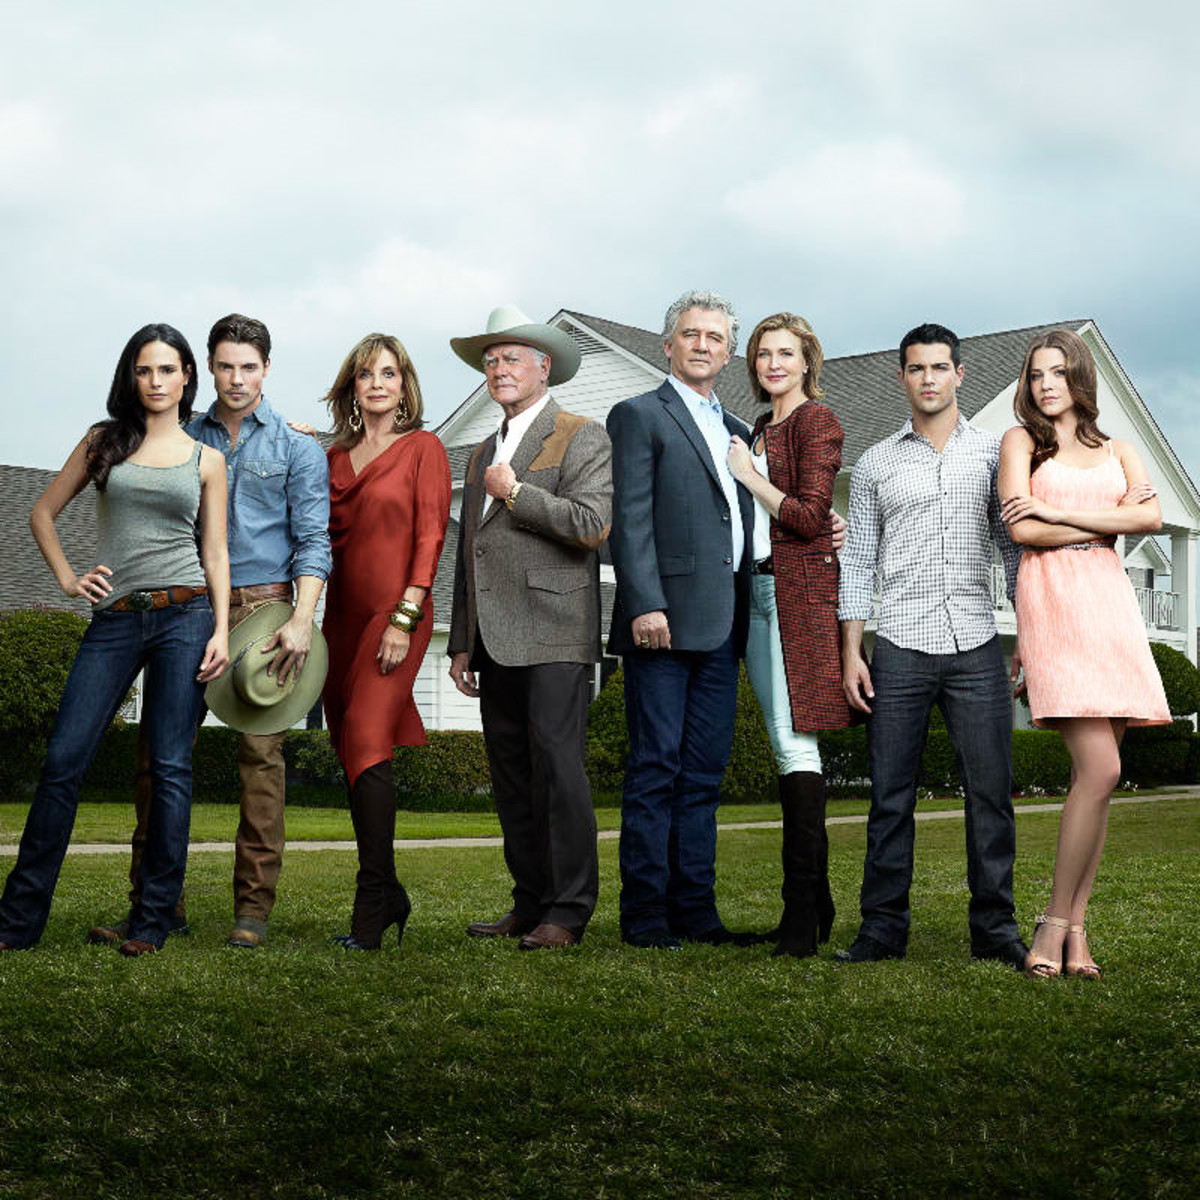 Dallas, new TV show, June 2012